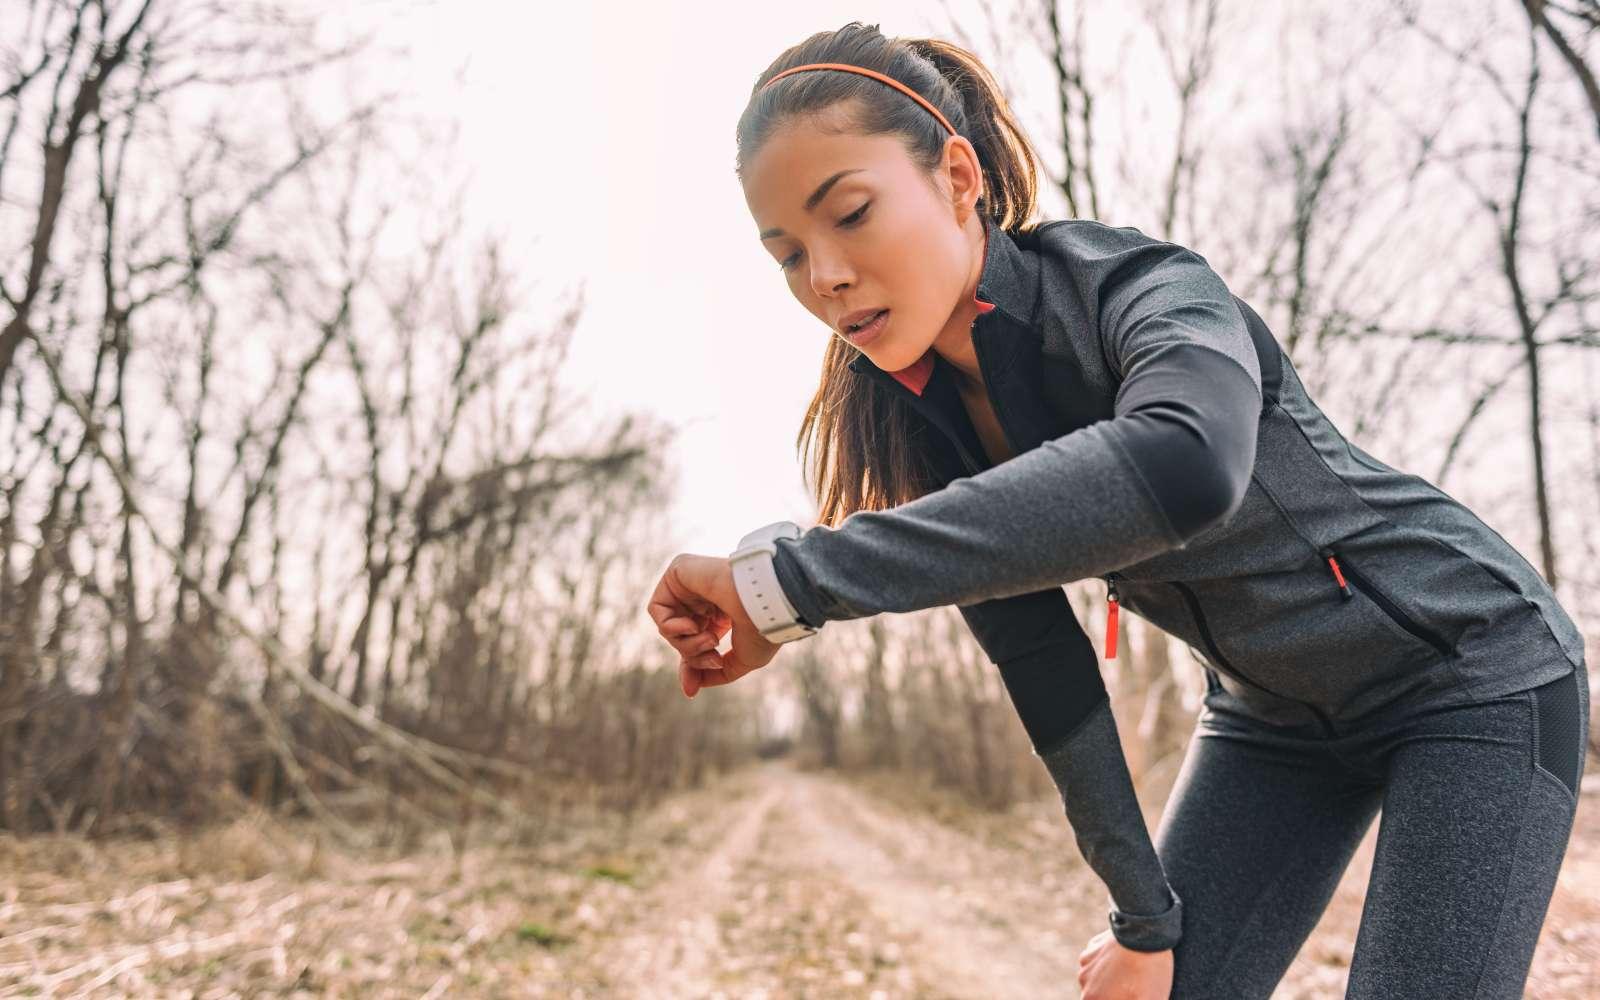 ragazza vestita con abbigliamento tecnico grigio da running guarda l'orologio tra un esercizio e l'altro